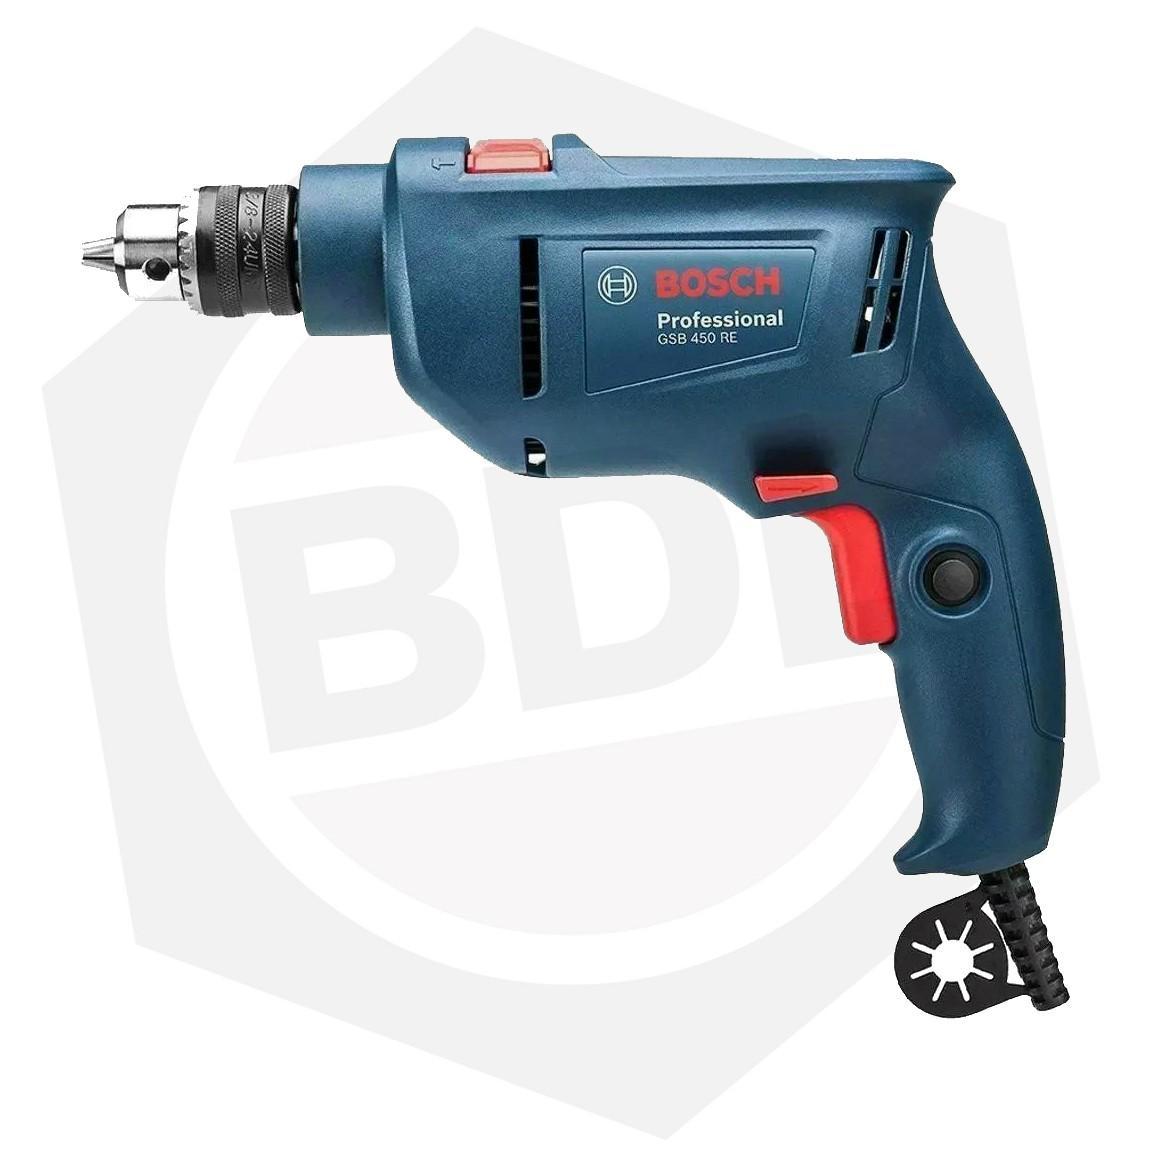 OFERTA - 15% DE DESCUENTO - Taladro Percutor Bosch GSB 450 RE - 450 W